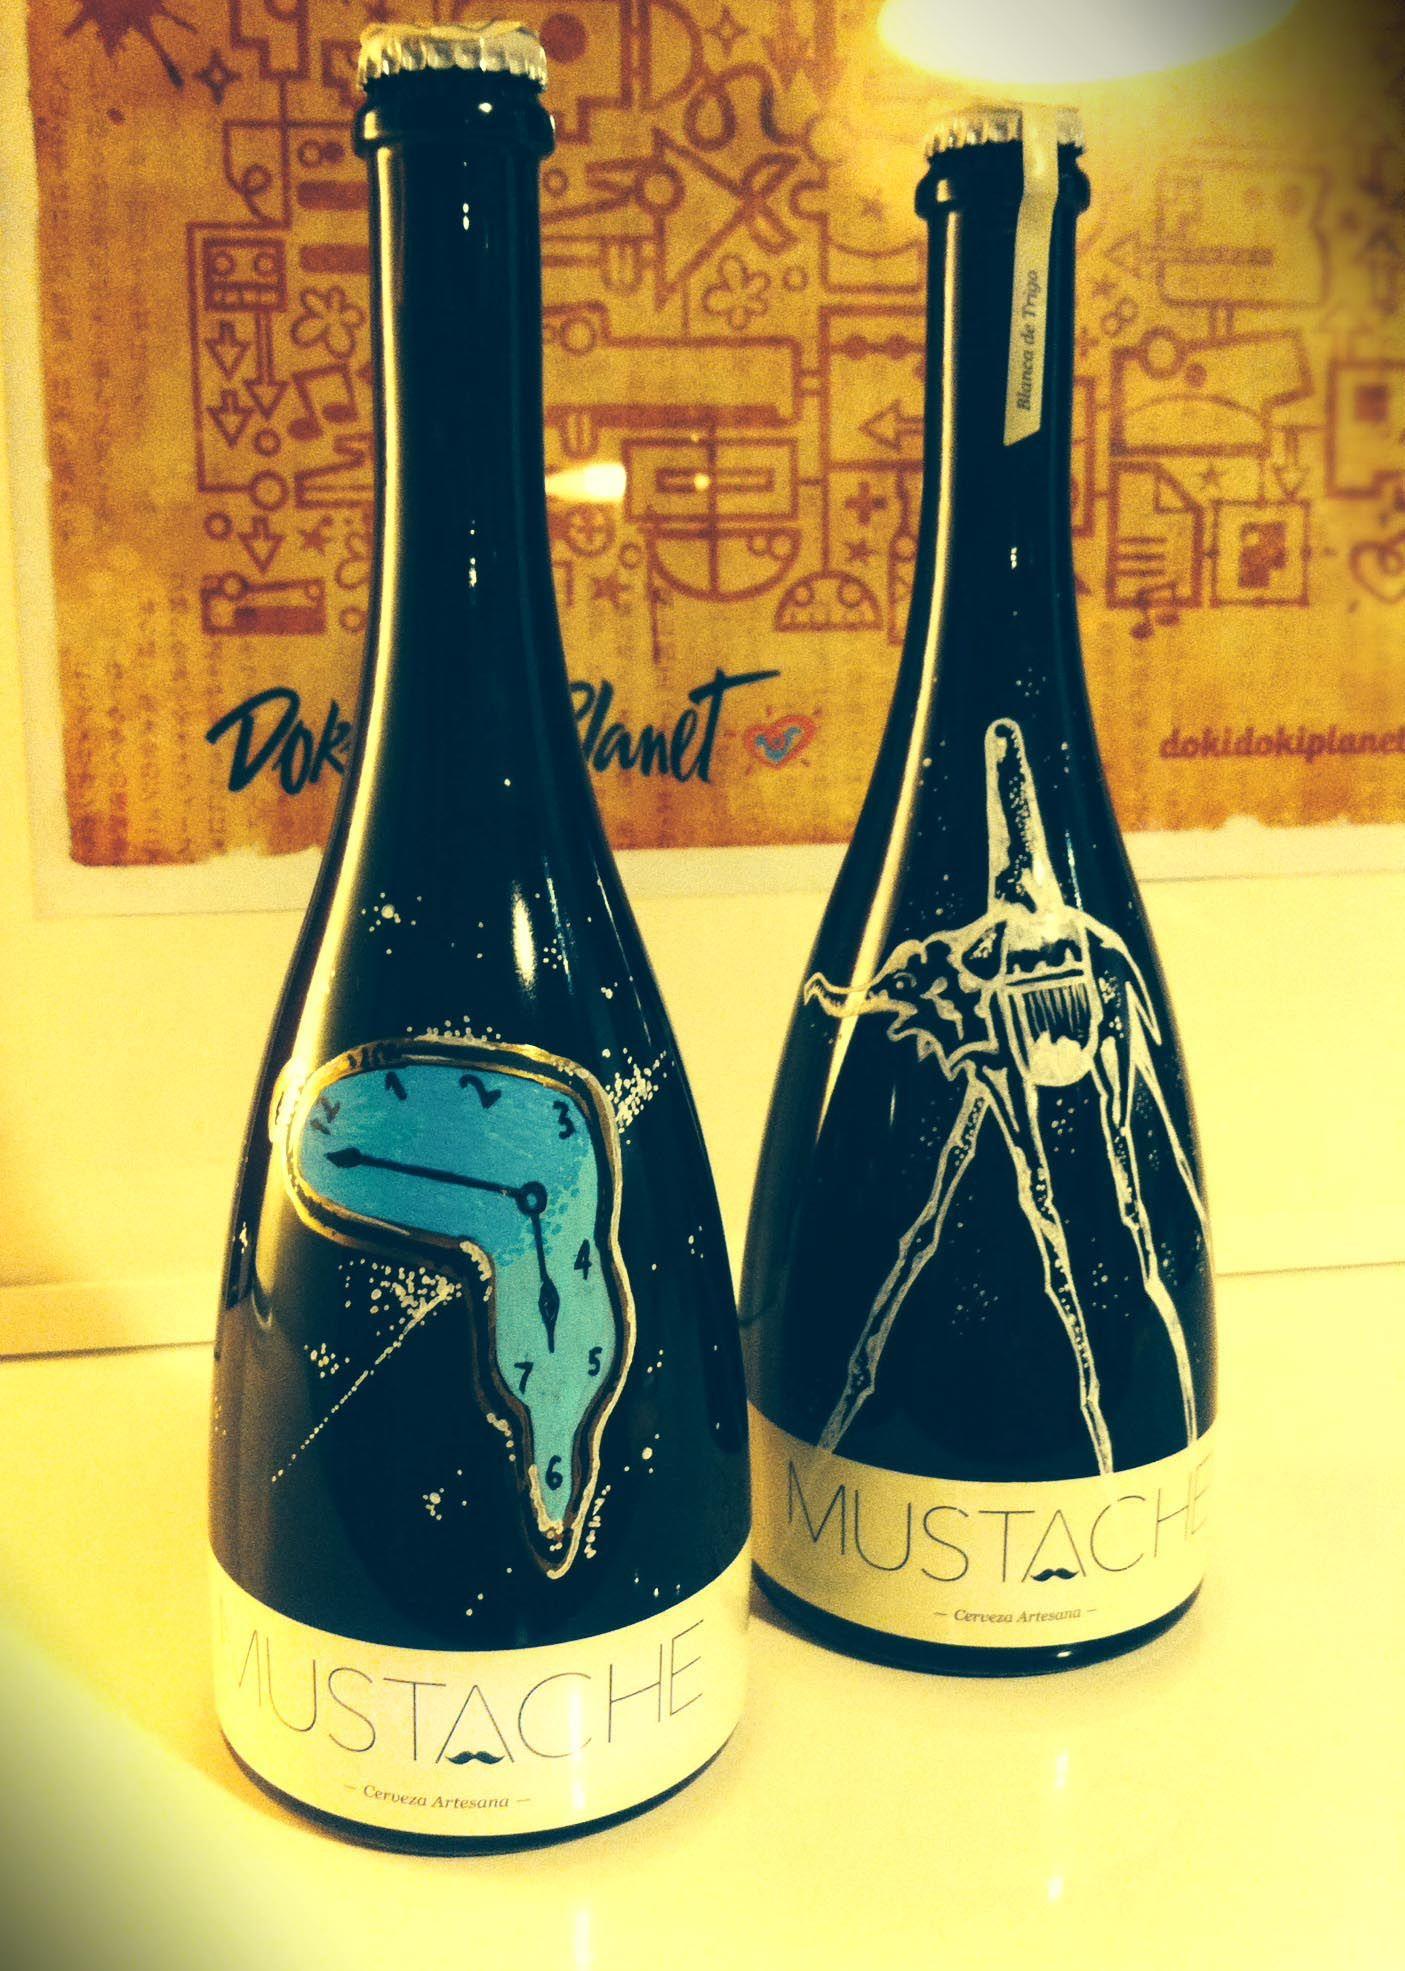 """Botellas de cerveza Mustache pintadas a mano para la exposición de Dalí en Malasaña organizada por la galería """"Despacio arte y vino"""""""